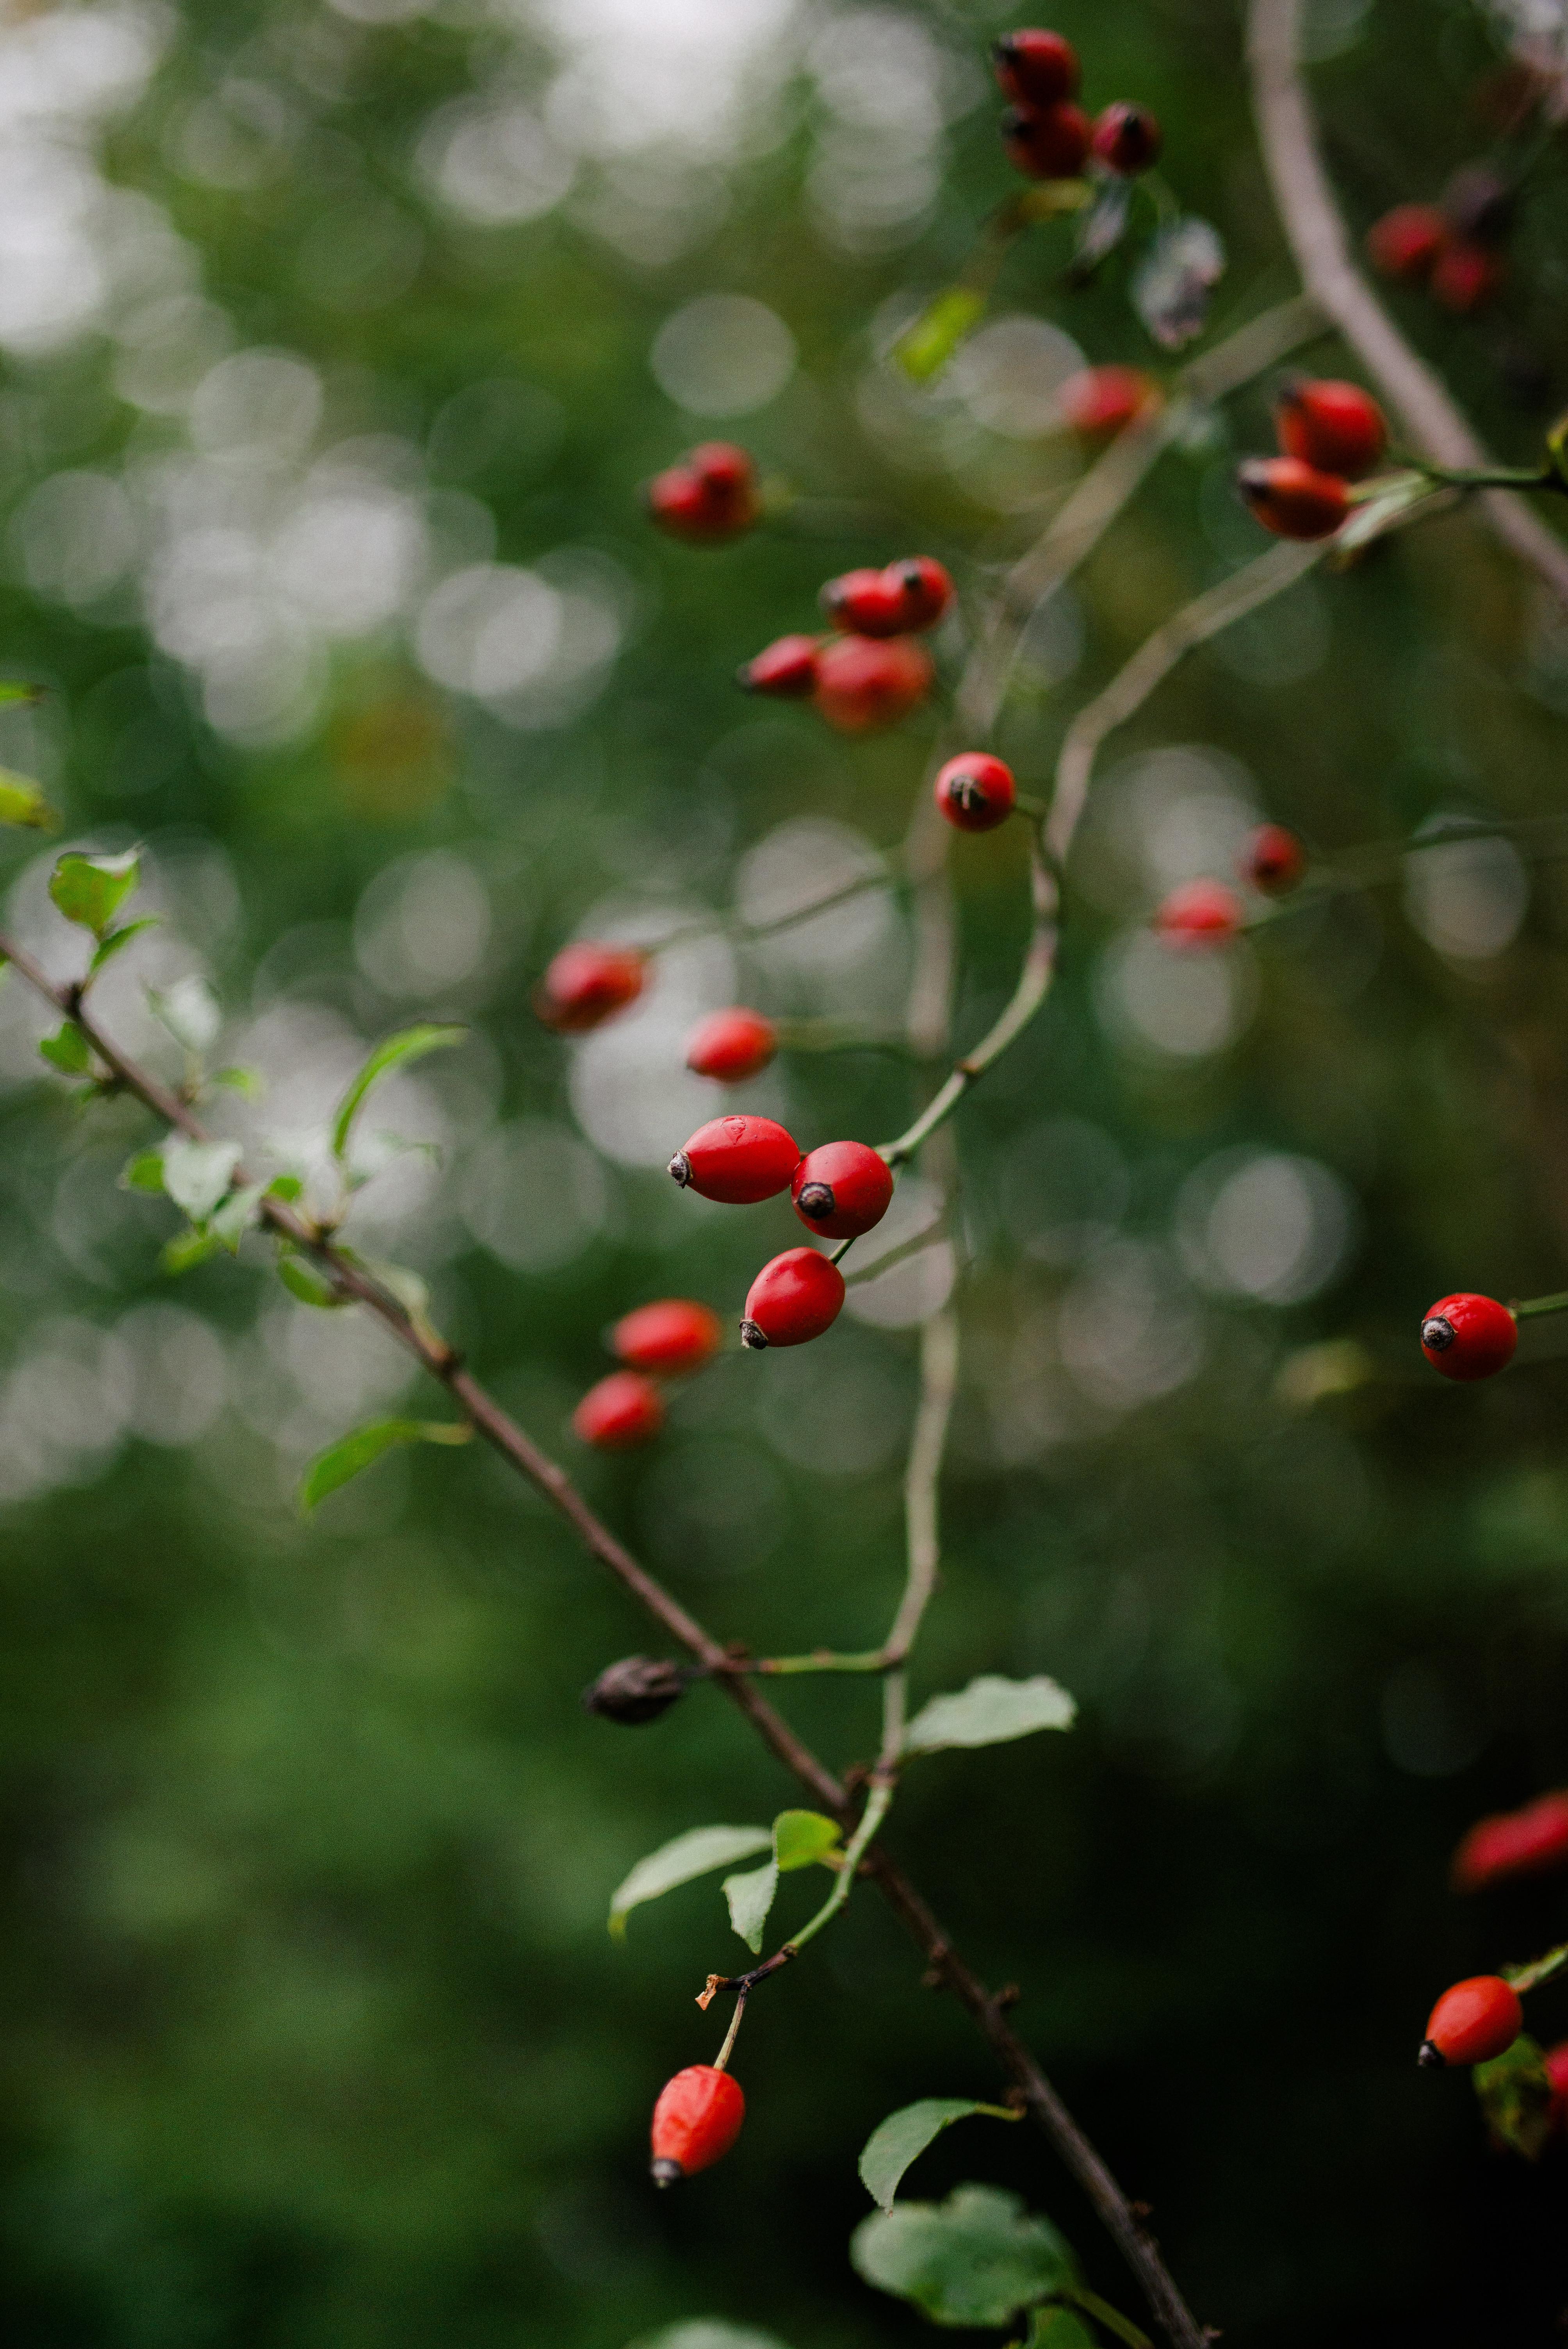 111125 скачать обои Природа, Шиповник, Куст, Растение, Ягода - заставки и картинки бесплатно